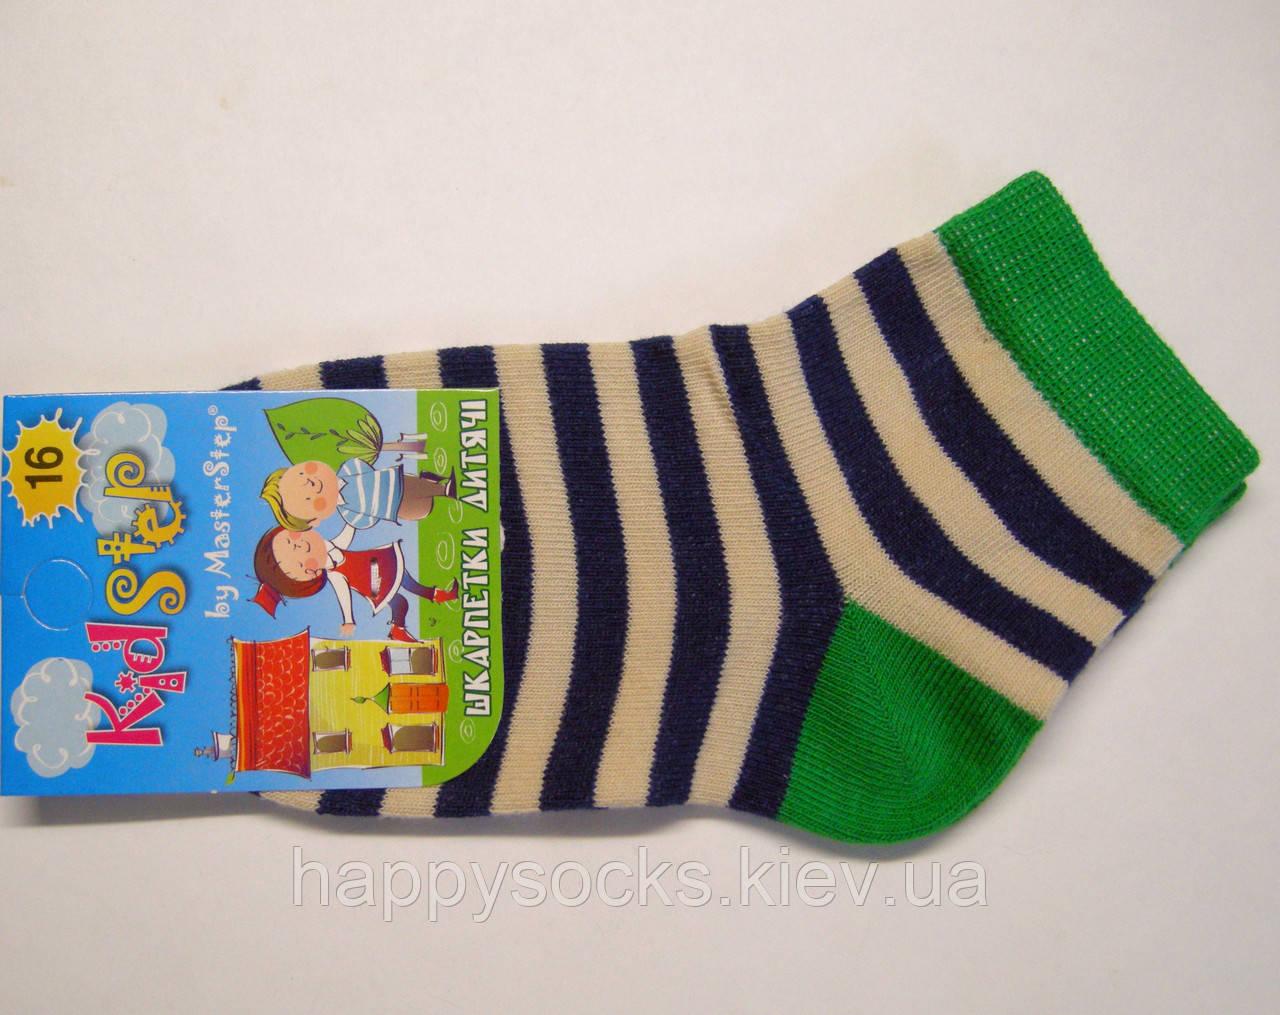 Цветные хлопковые носки в темно-синюю полоску мальчиковые